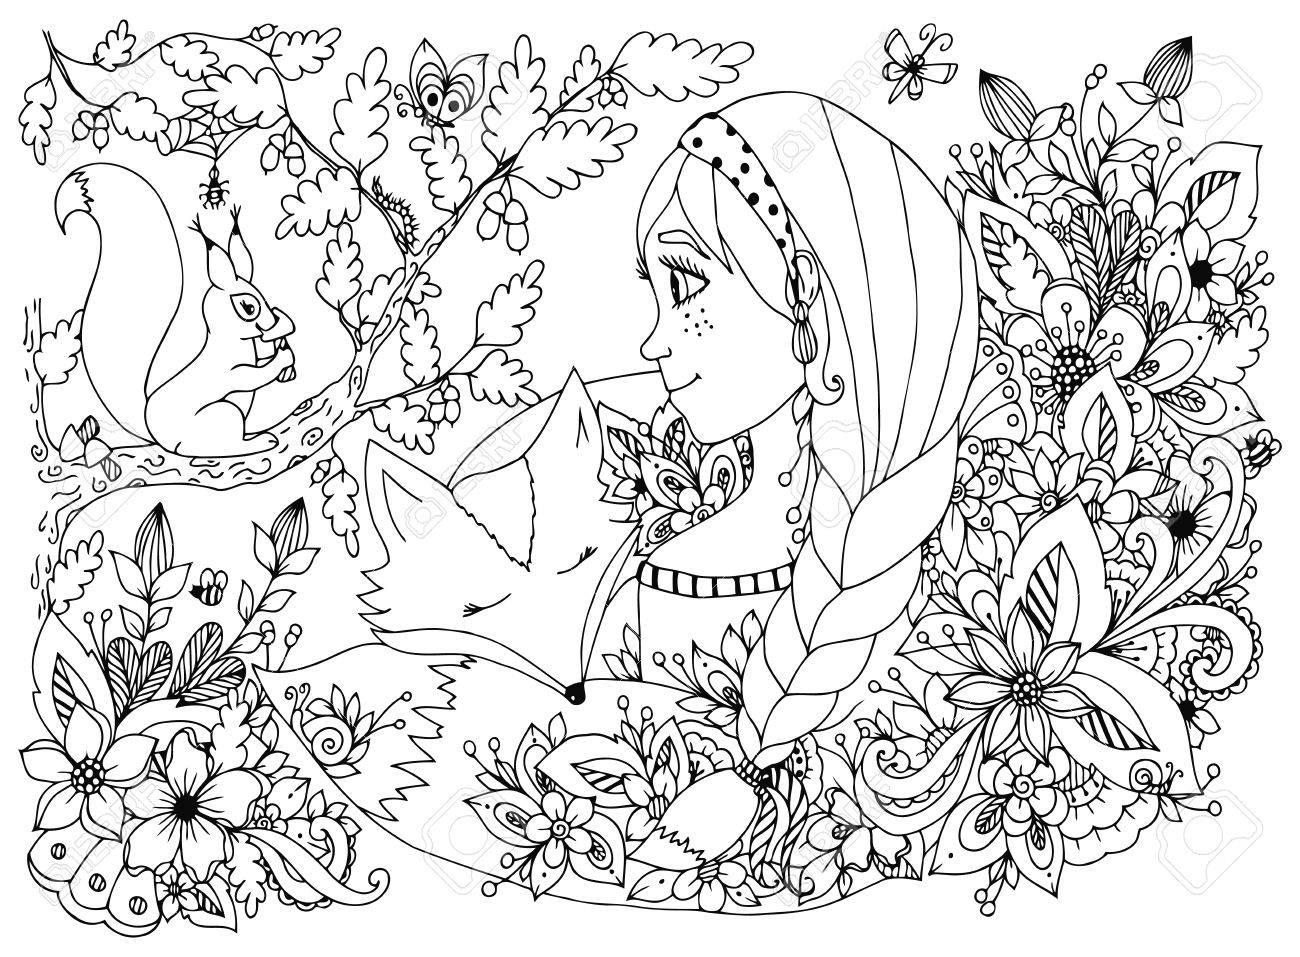 Coloriage Anti Stress Visage.Vector Illustration Fille Avec Des Taches De Rousseur Regardant L Ecureuil Le Visage Endormi Dans Les Fleurs Habitants De Bande Dessinee Enfants